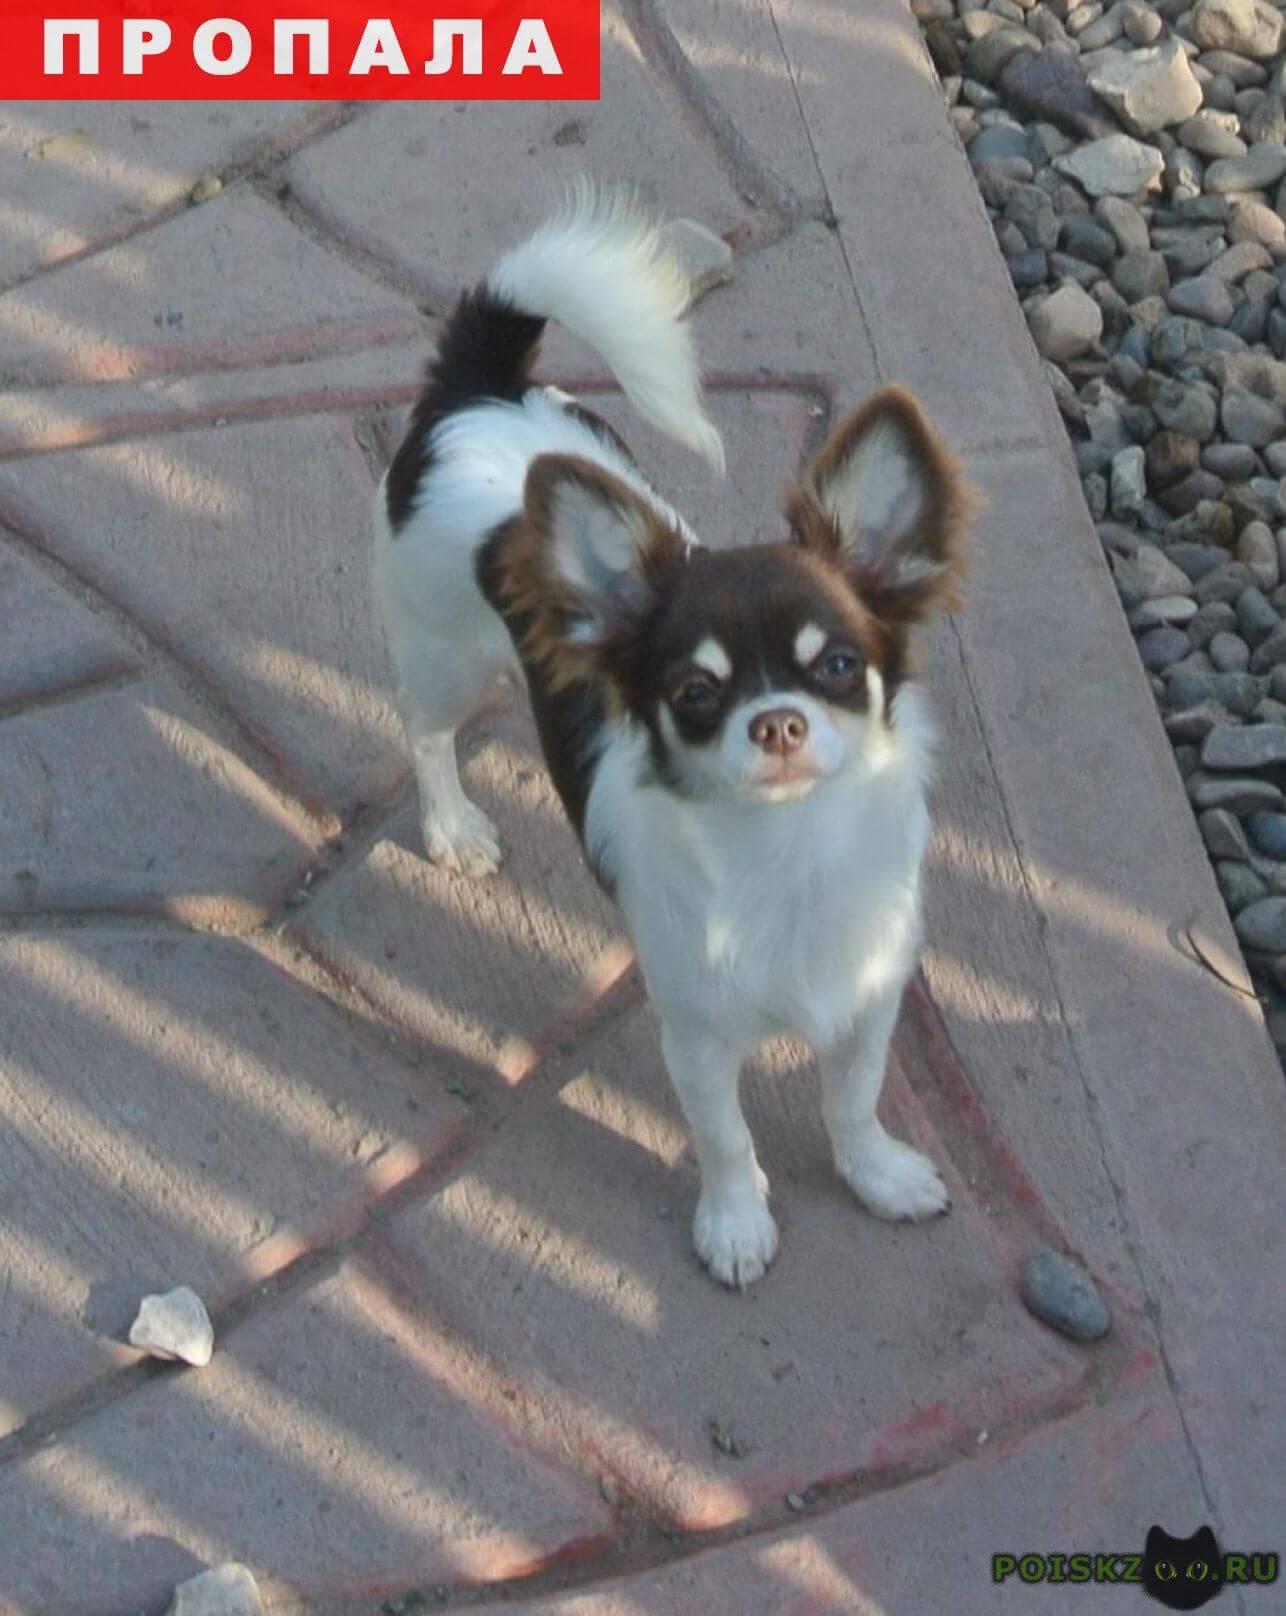 Пропала собака чихуахуа сука длинношерстная г.Ульяновск